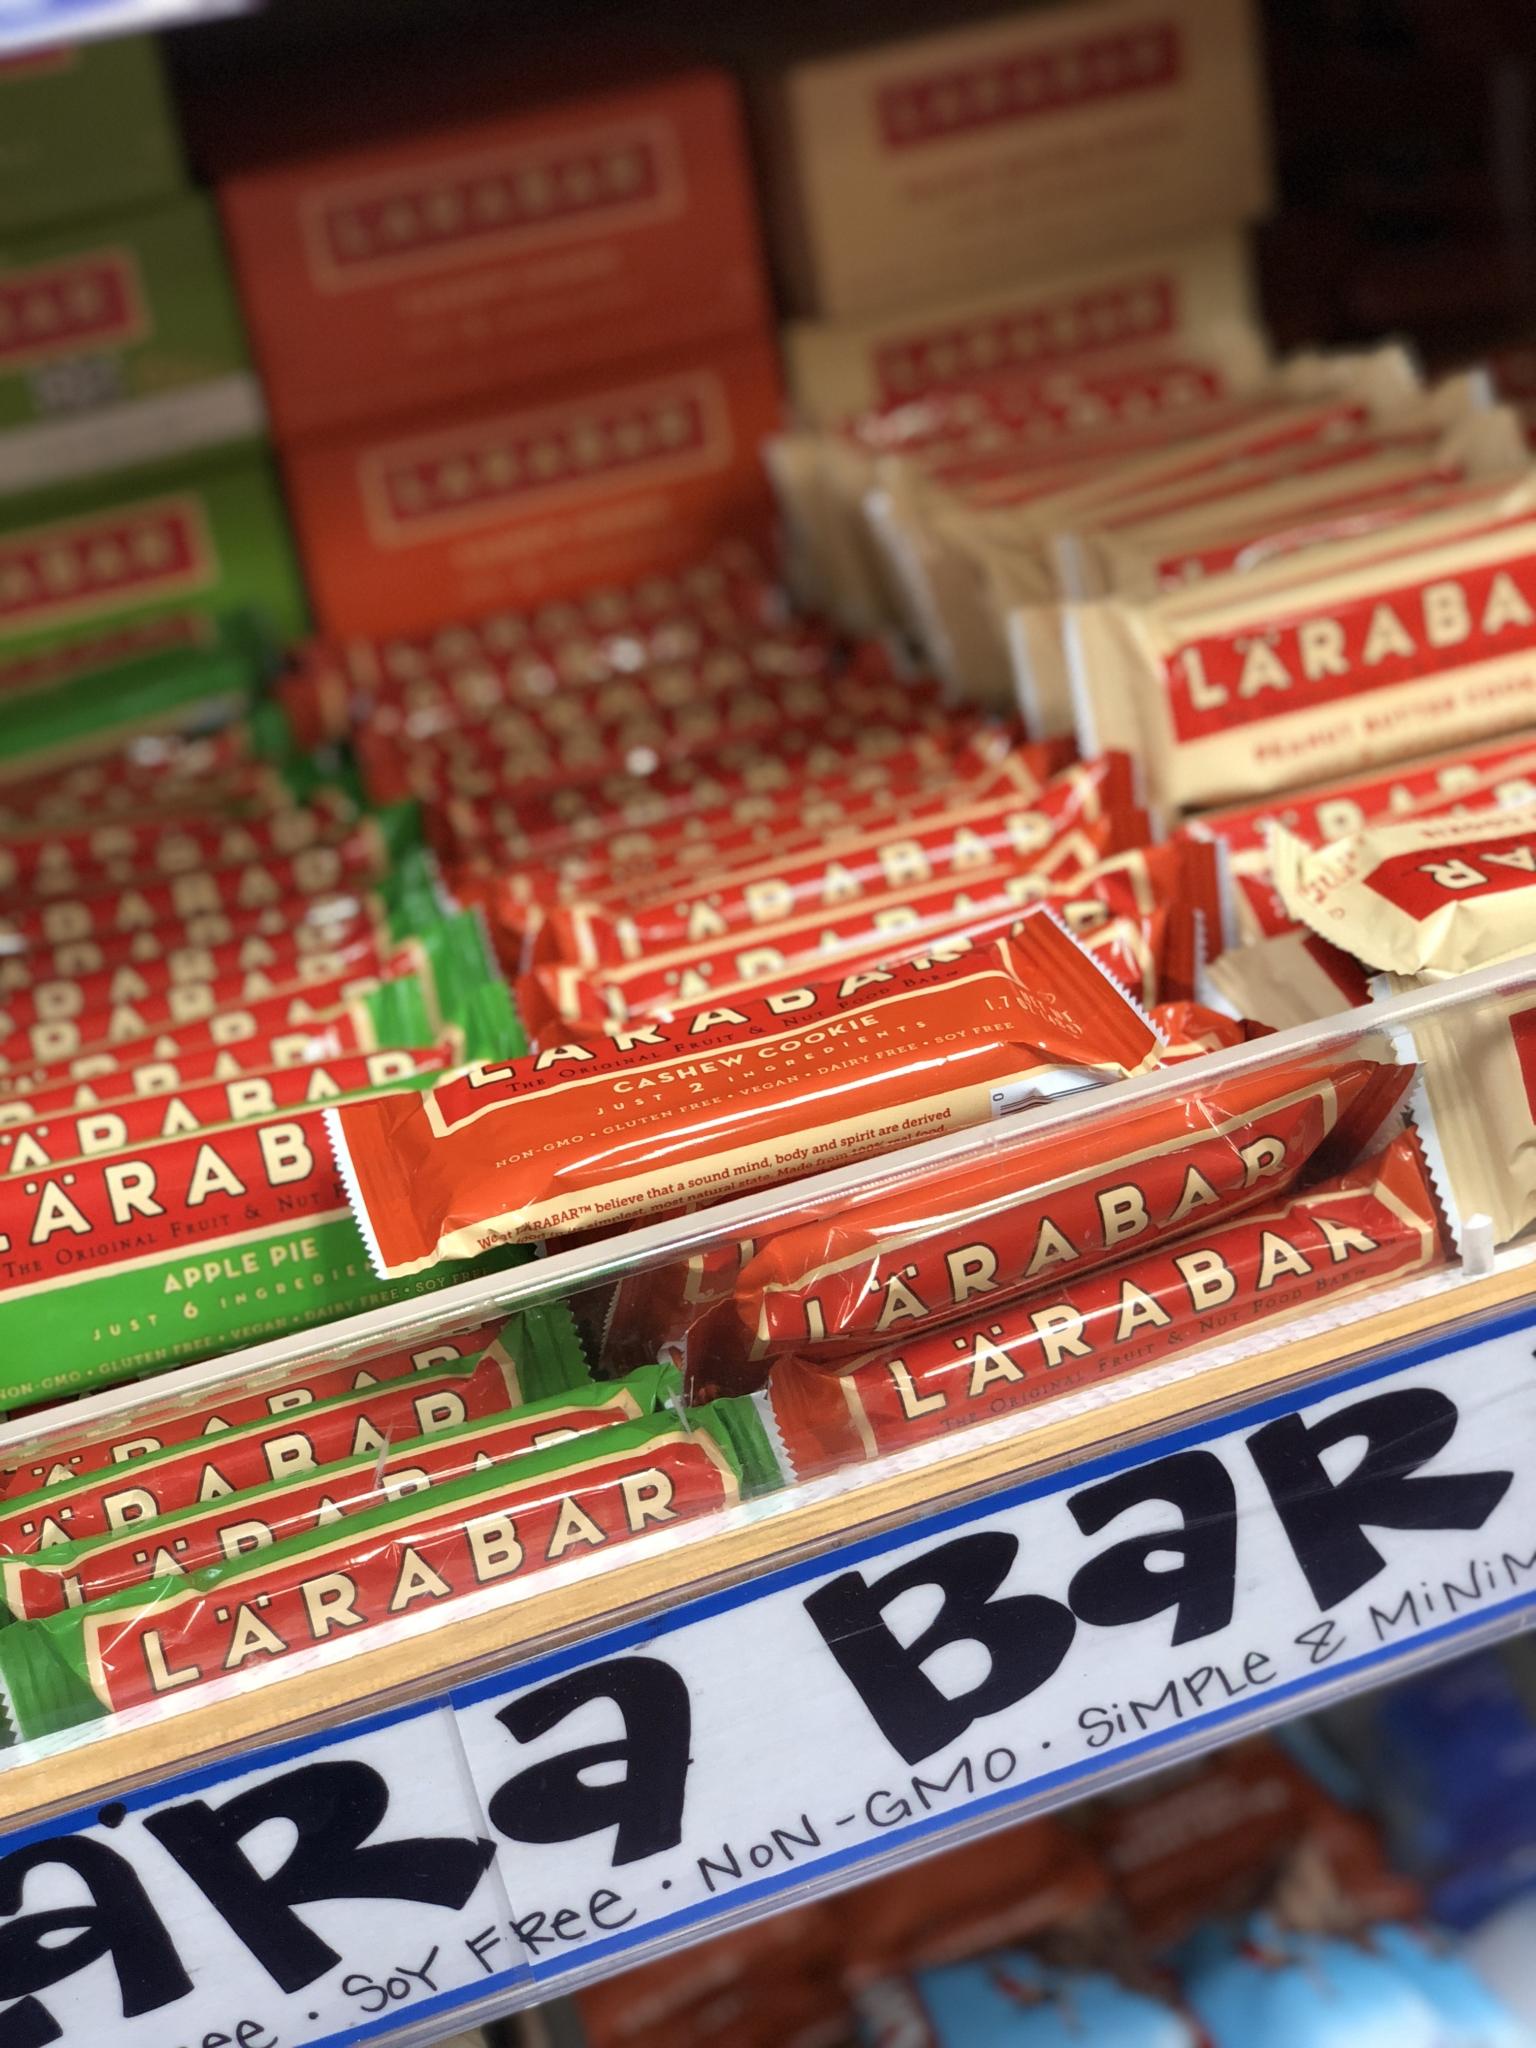 Gluten-free Larabars from Trader Joe's